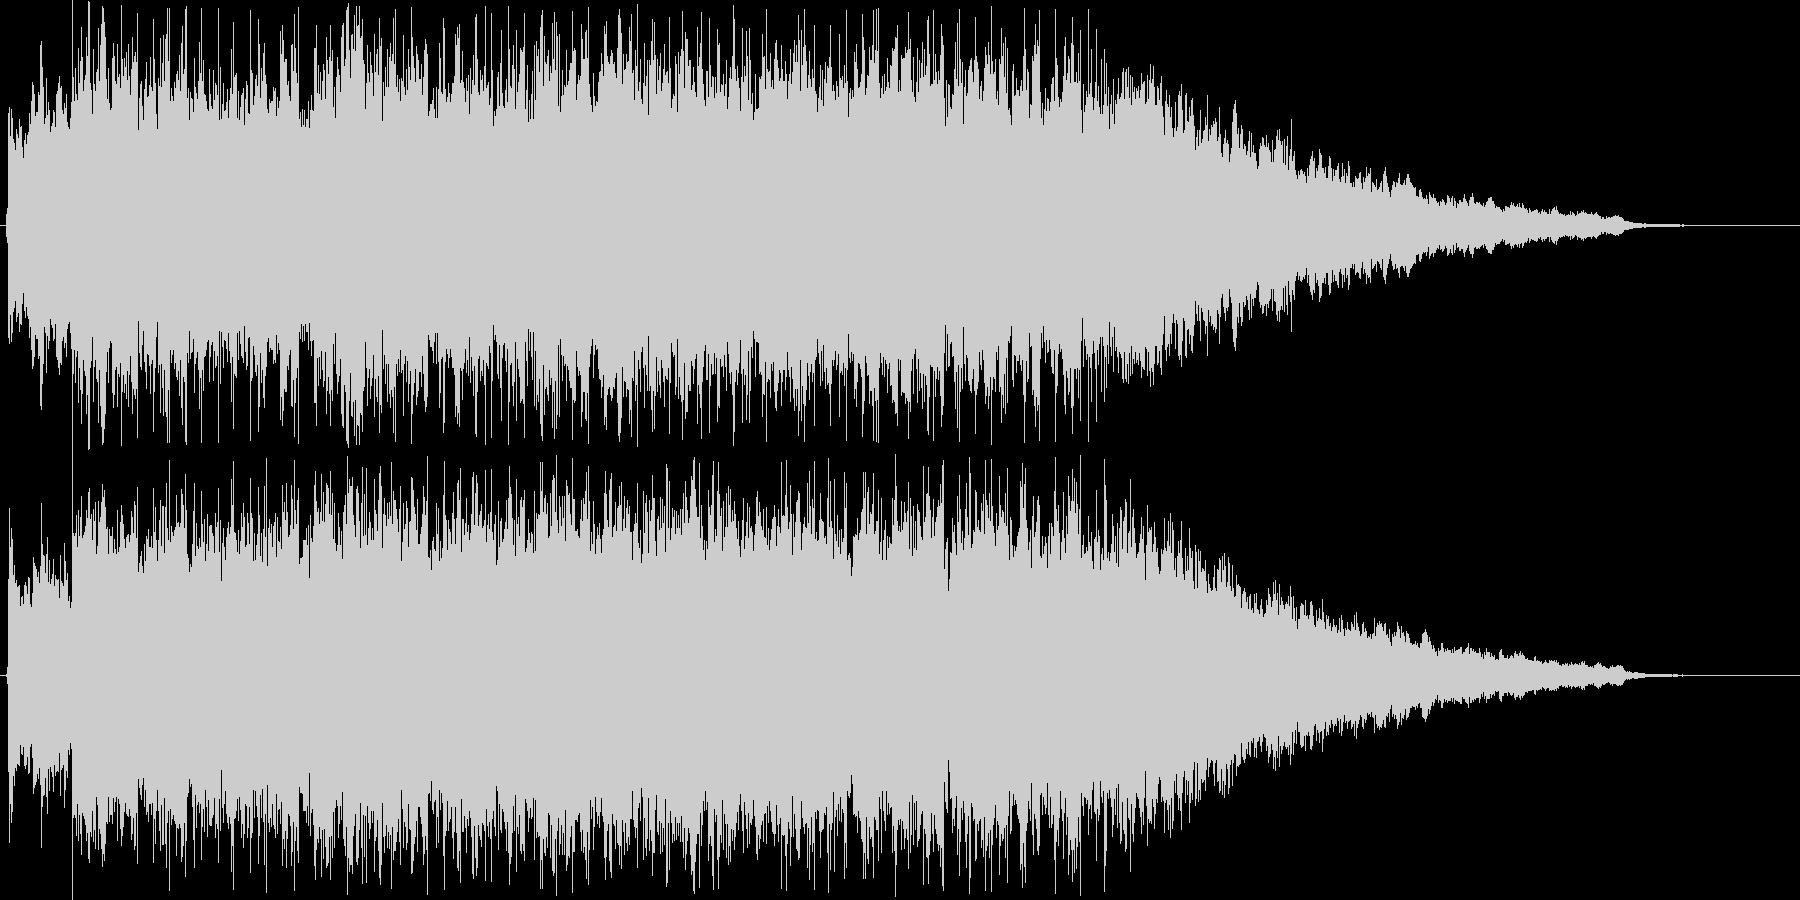 活動的で疾走感のあるシンセのジングル曲の未再生の波形